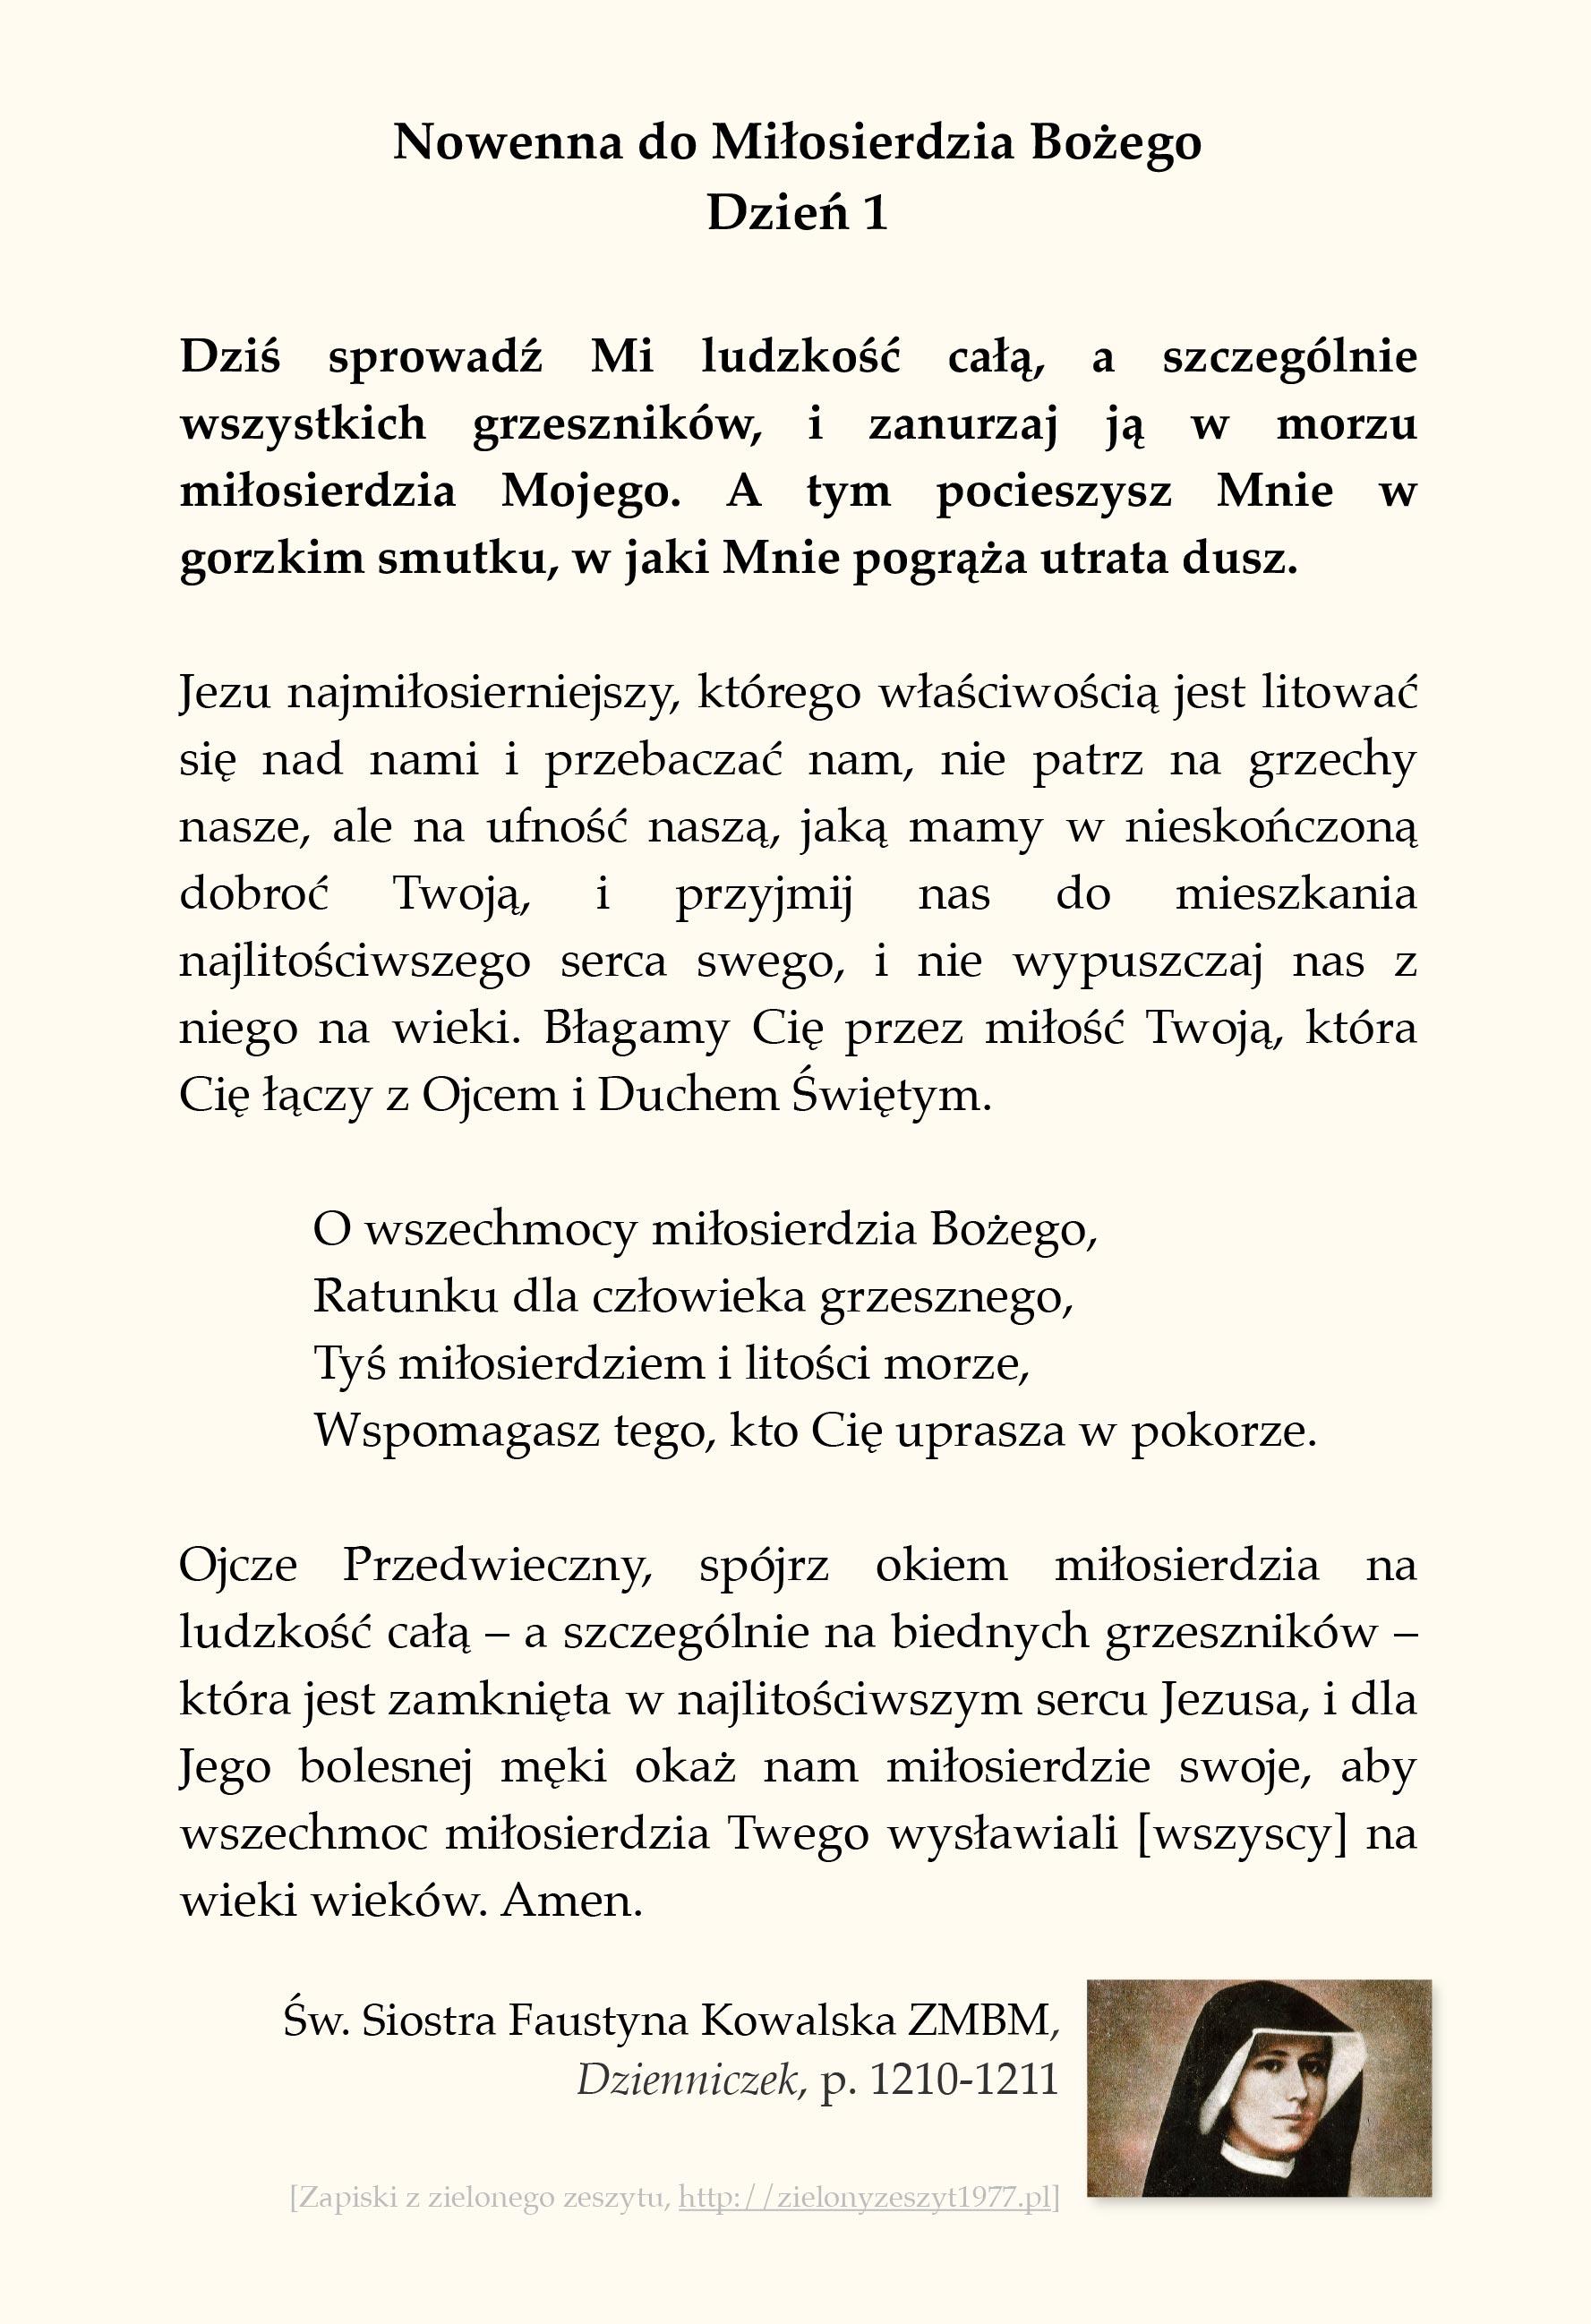 Nowenna do Miłosierdzia Bożego - Dzień 1; św. Faustyna Kowalska